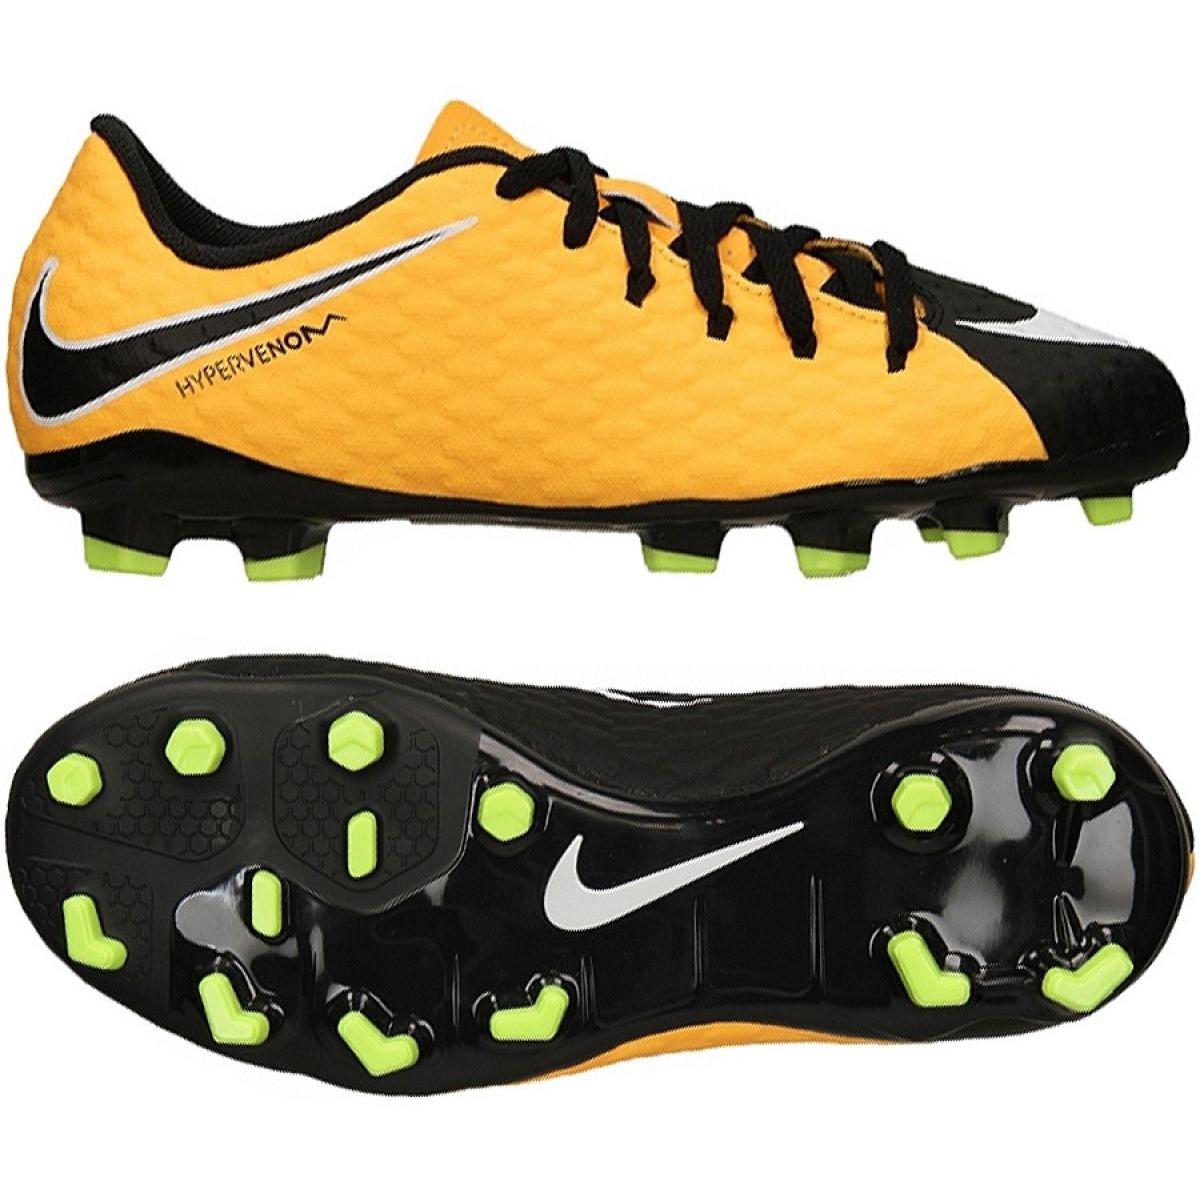 super popular 9ac46 08f07 Nike Hypervenom Phelon Iii Fg Jr 852595 801 yellow shoes